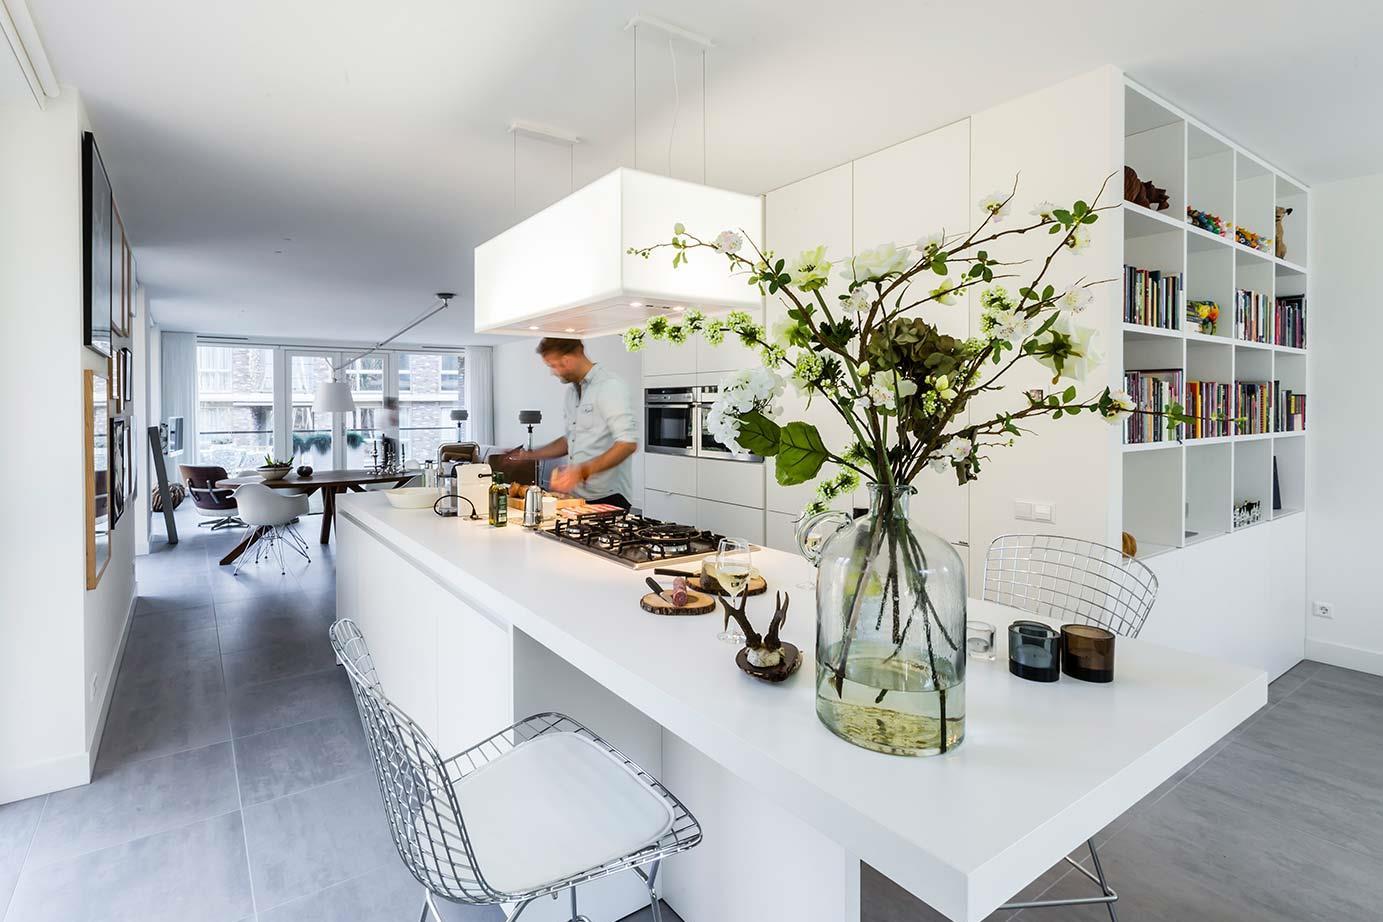 Keuken Met Kookeiland : Landelijke keukens met kookeiland ekelhoff küchen